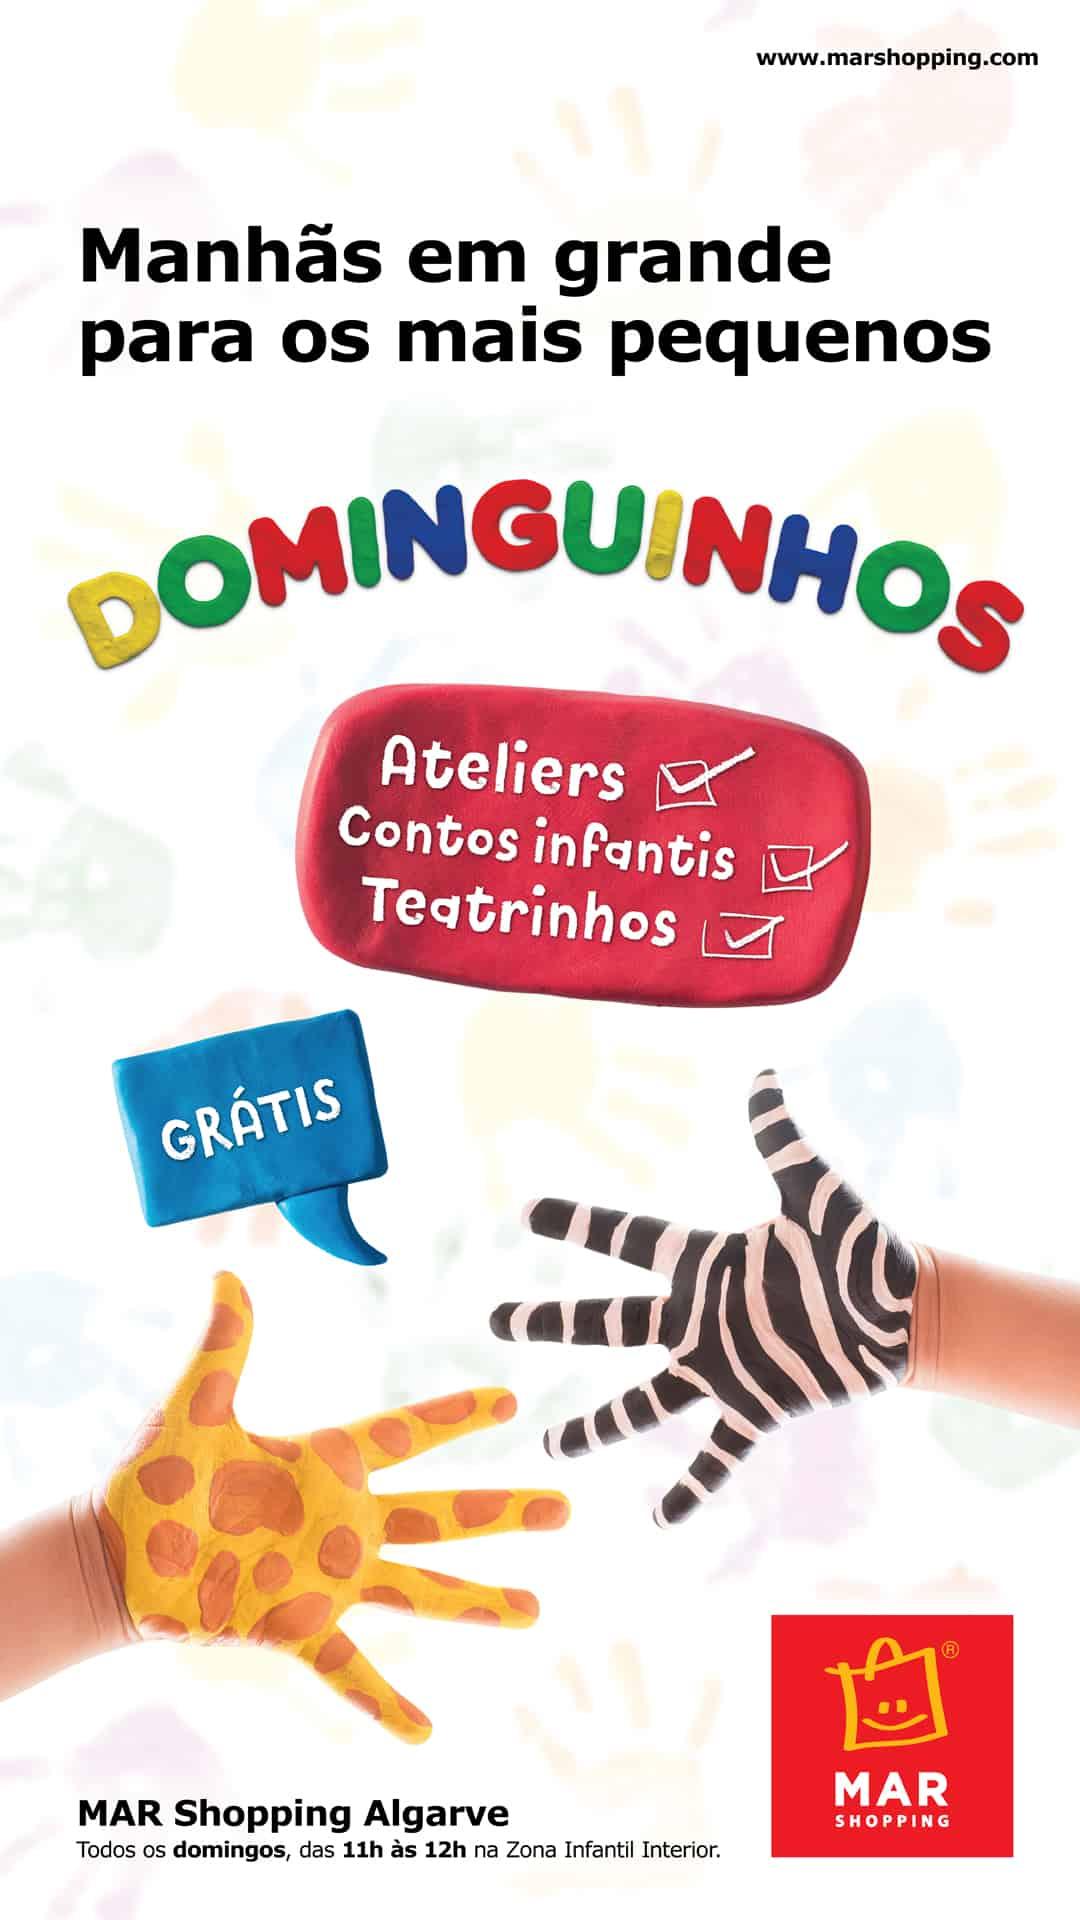 DOMINGUINHOS | CONVOCAM-SE PEQUENOS CIENTISTAS PARA GRANDES INVENÇÕES!